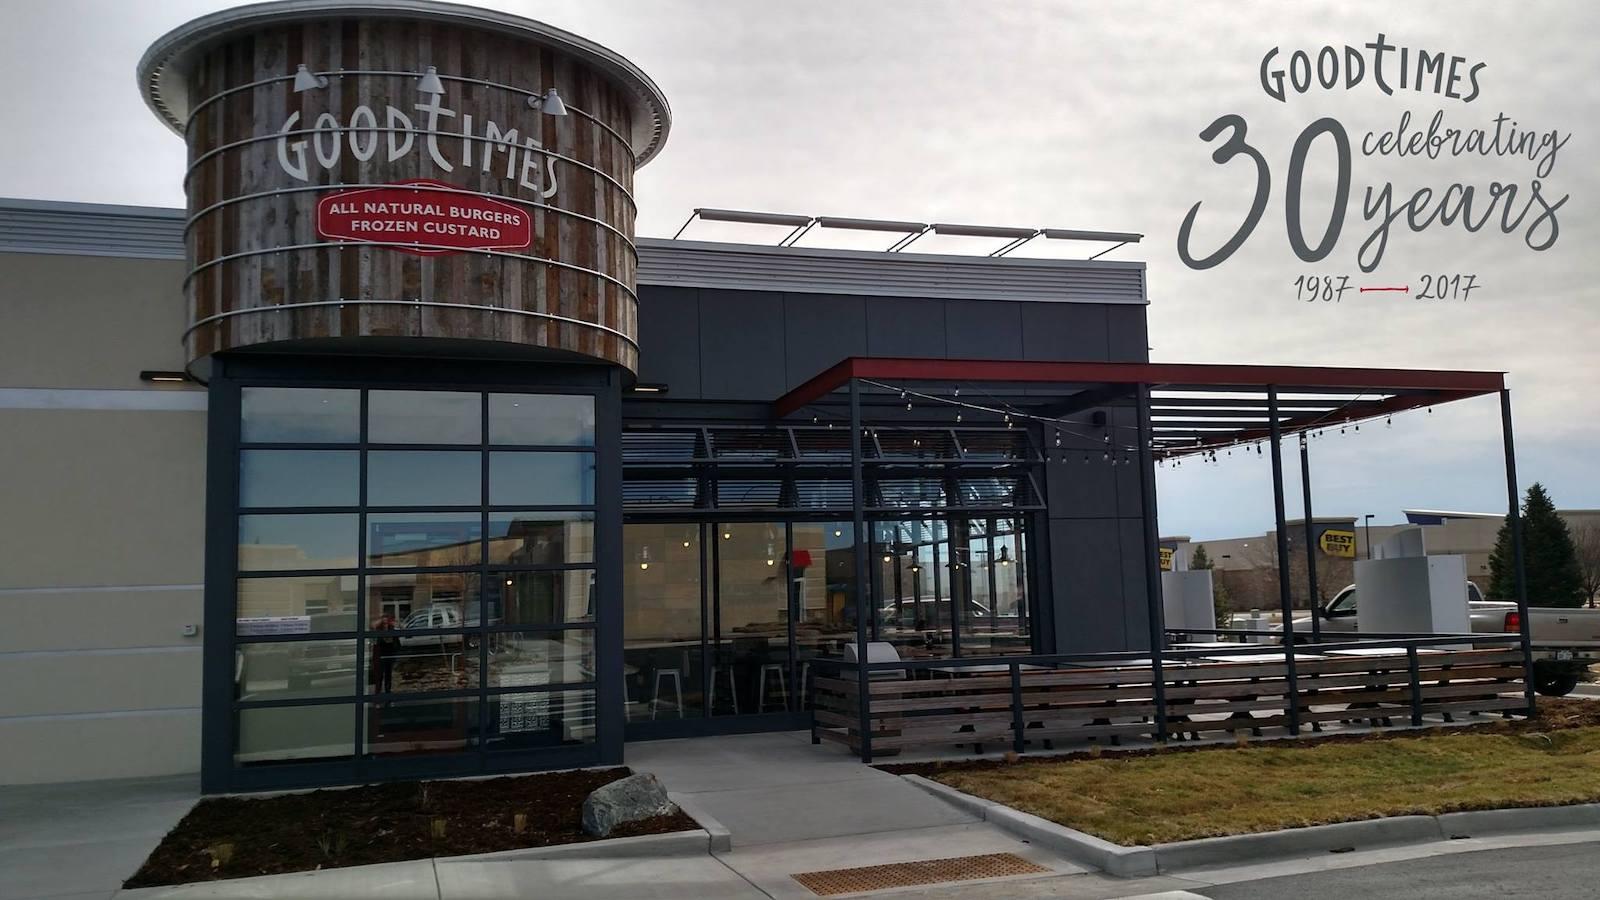 Good Times Burgers & Frozen Custards, Co